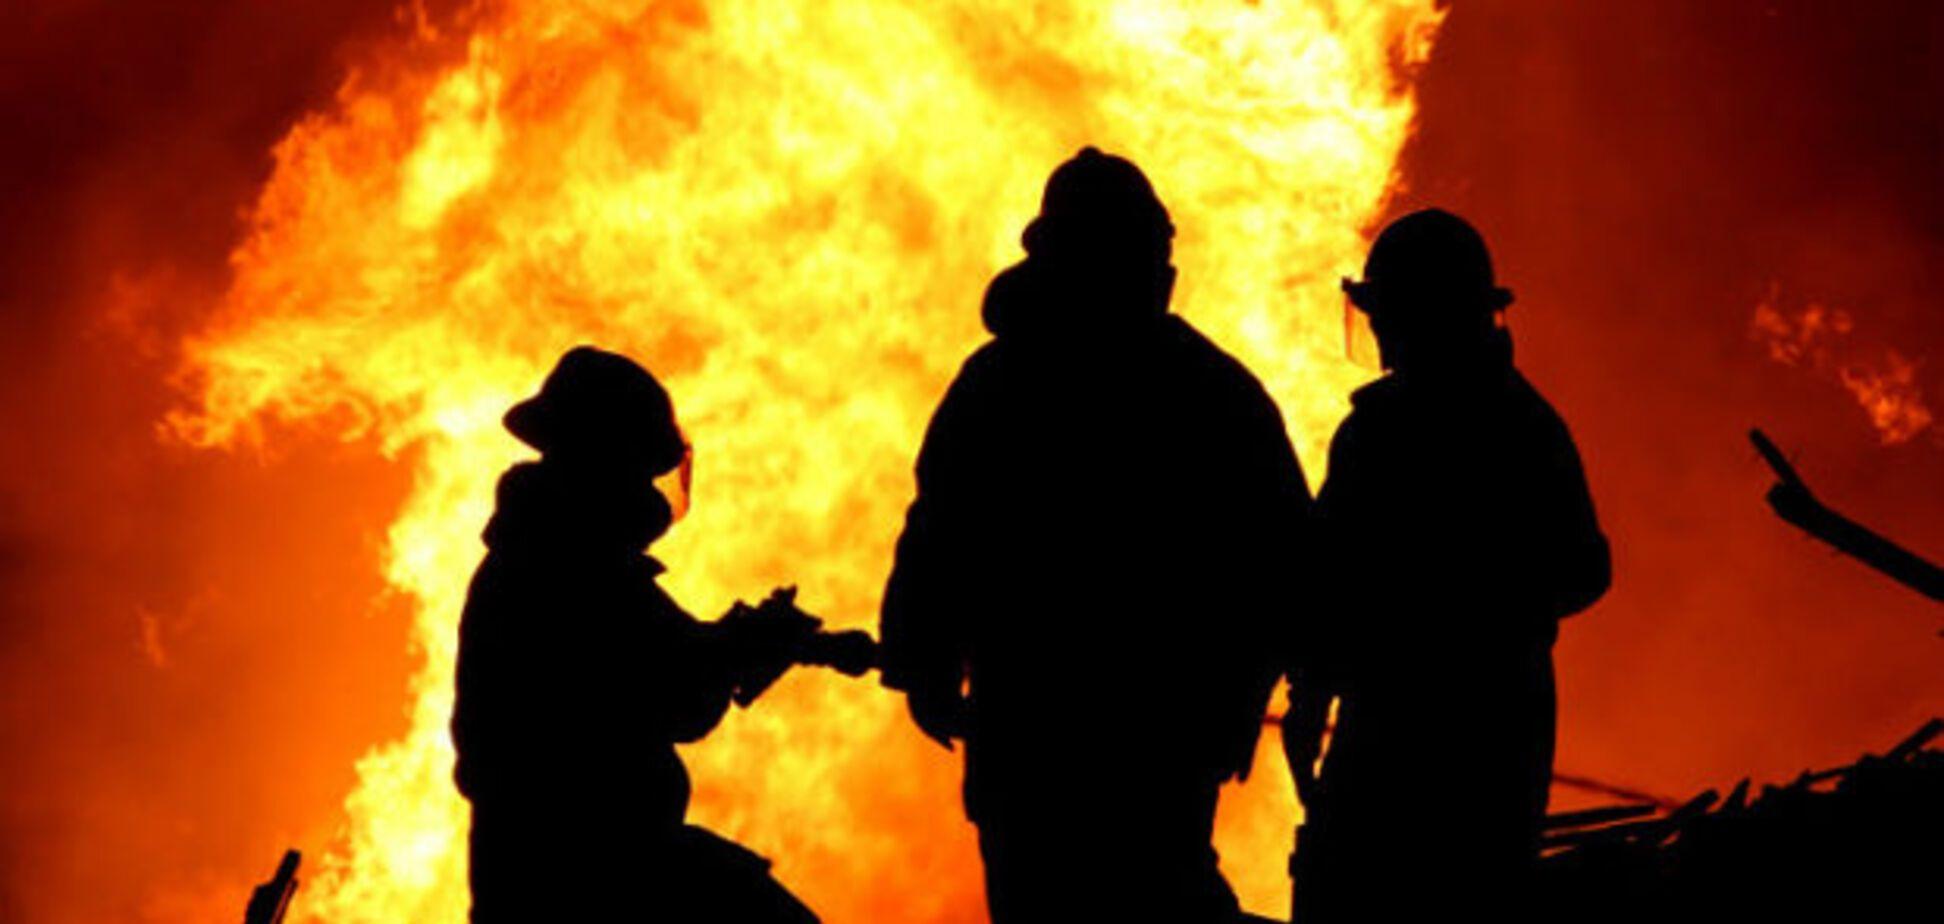 В Запорожской области из-за пожара эвакуировали многоэтажку